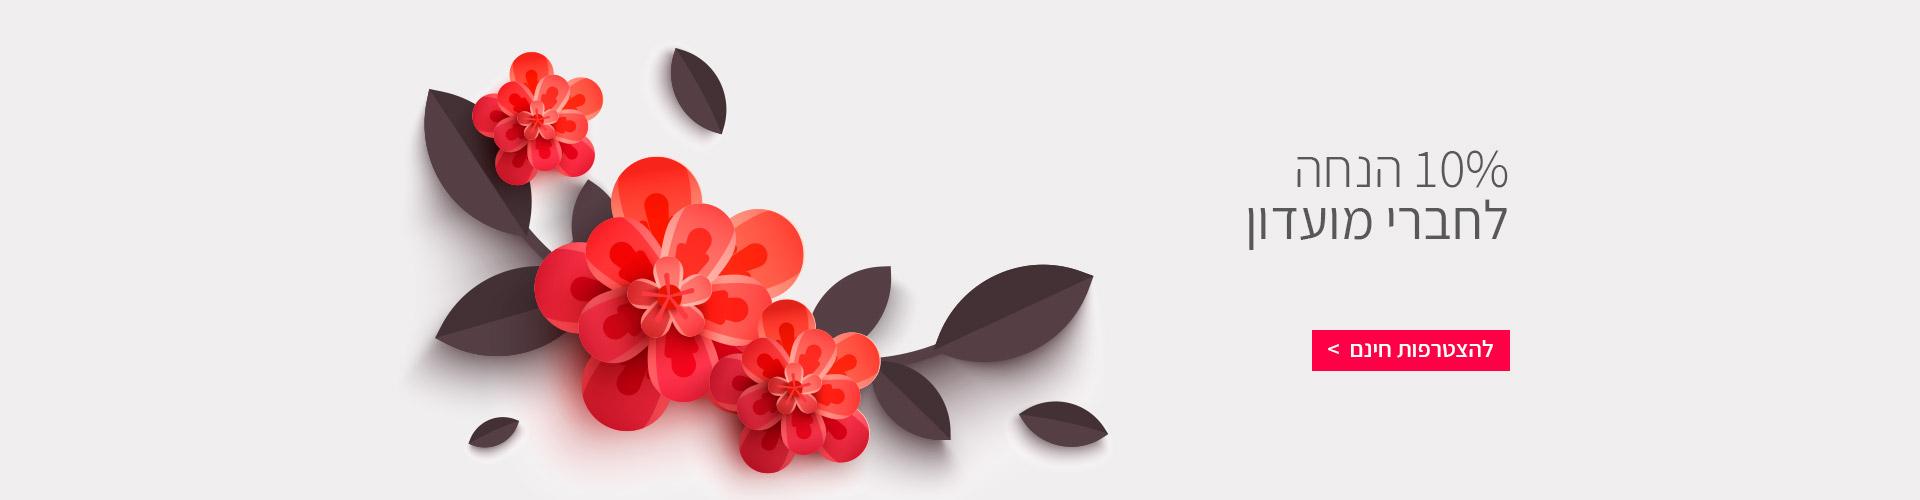 חברי מועדון שדה פרחים משלוחי פרחים